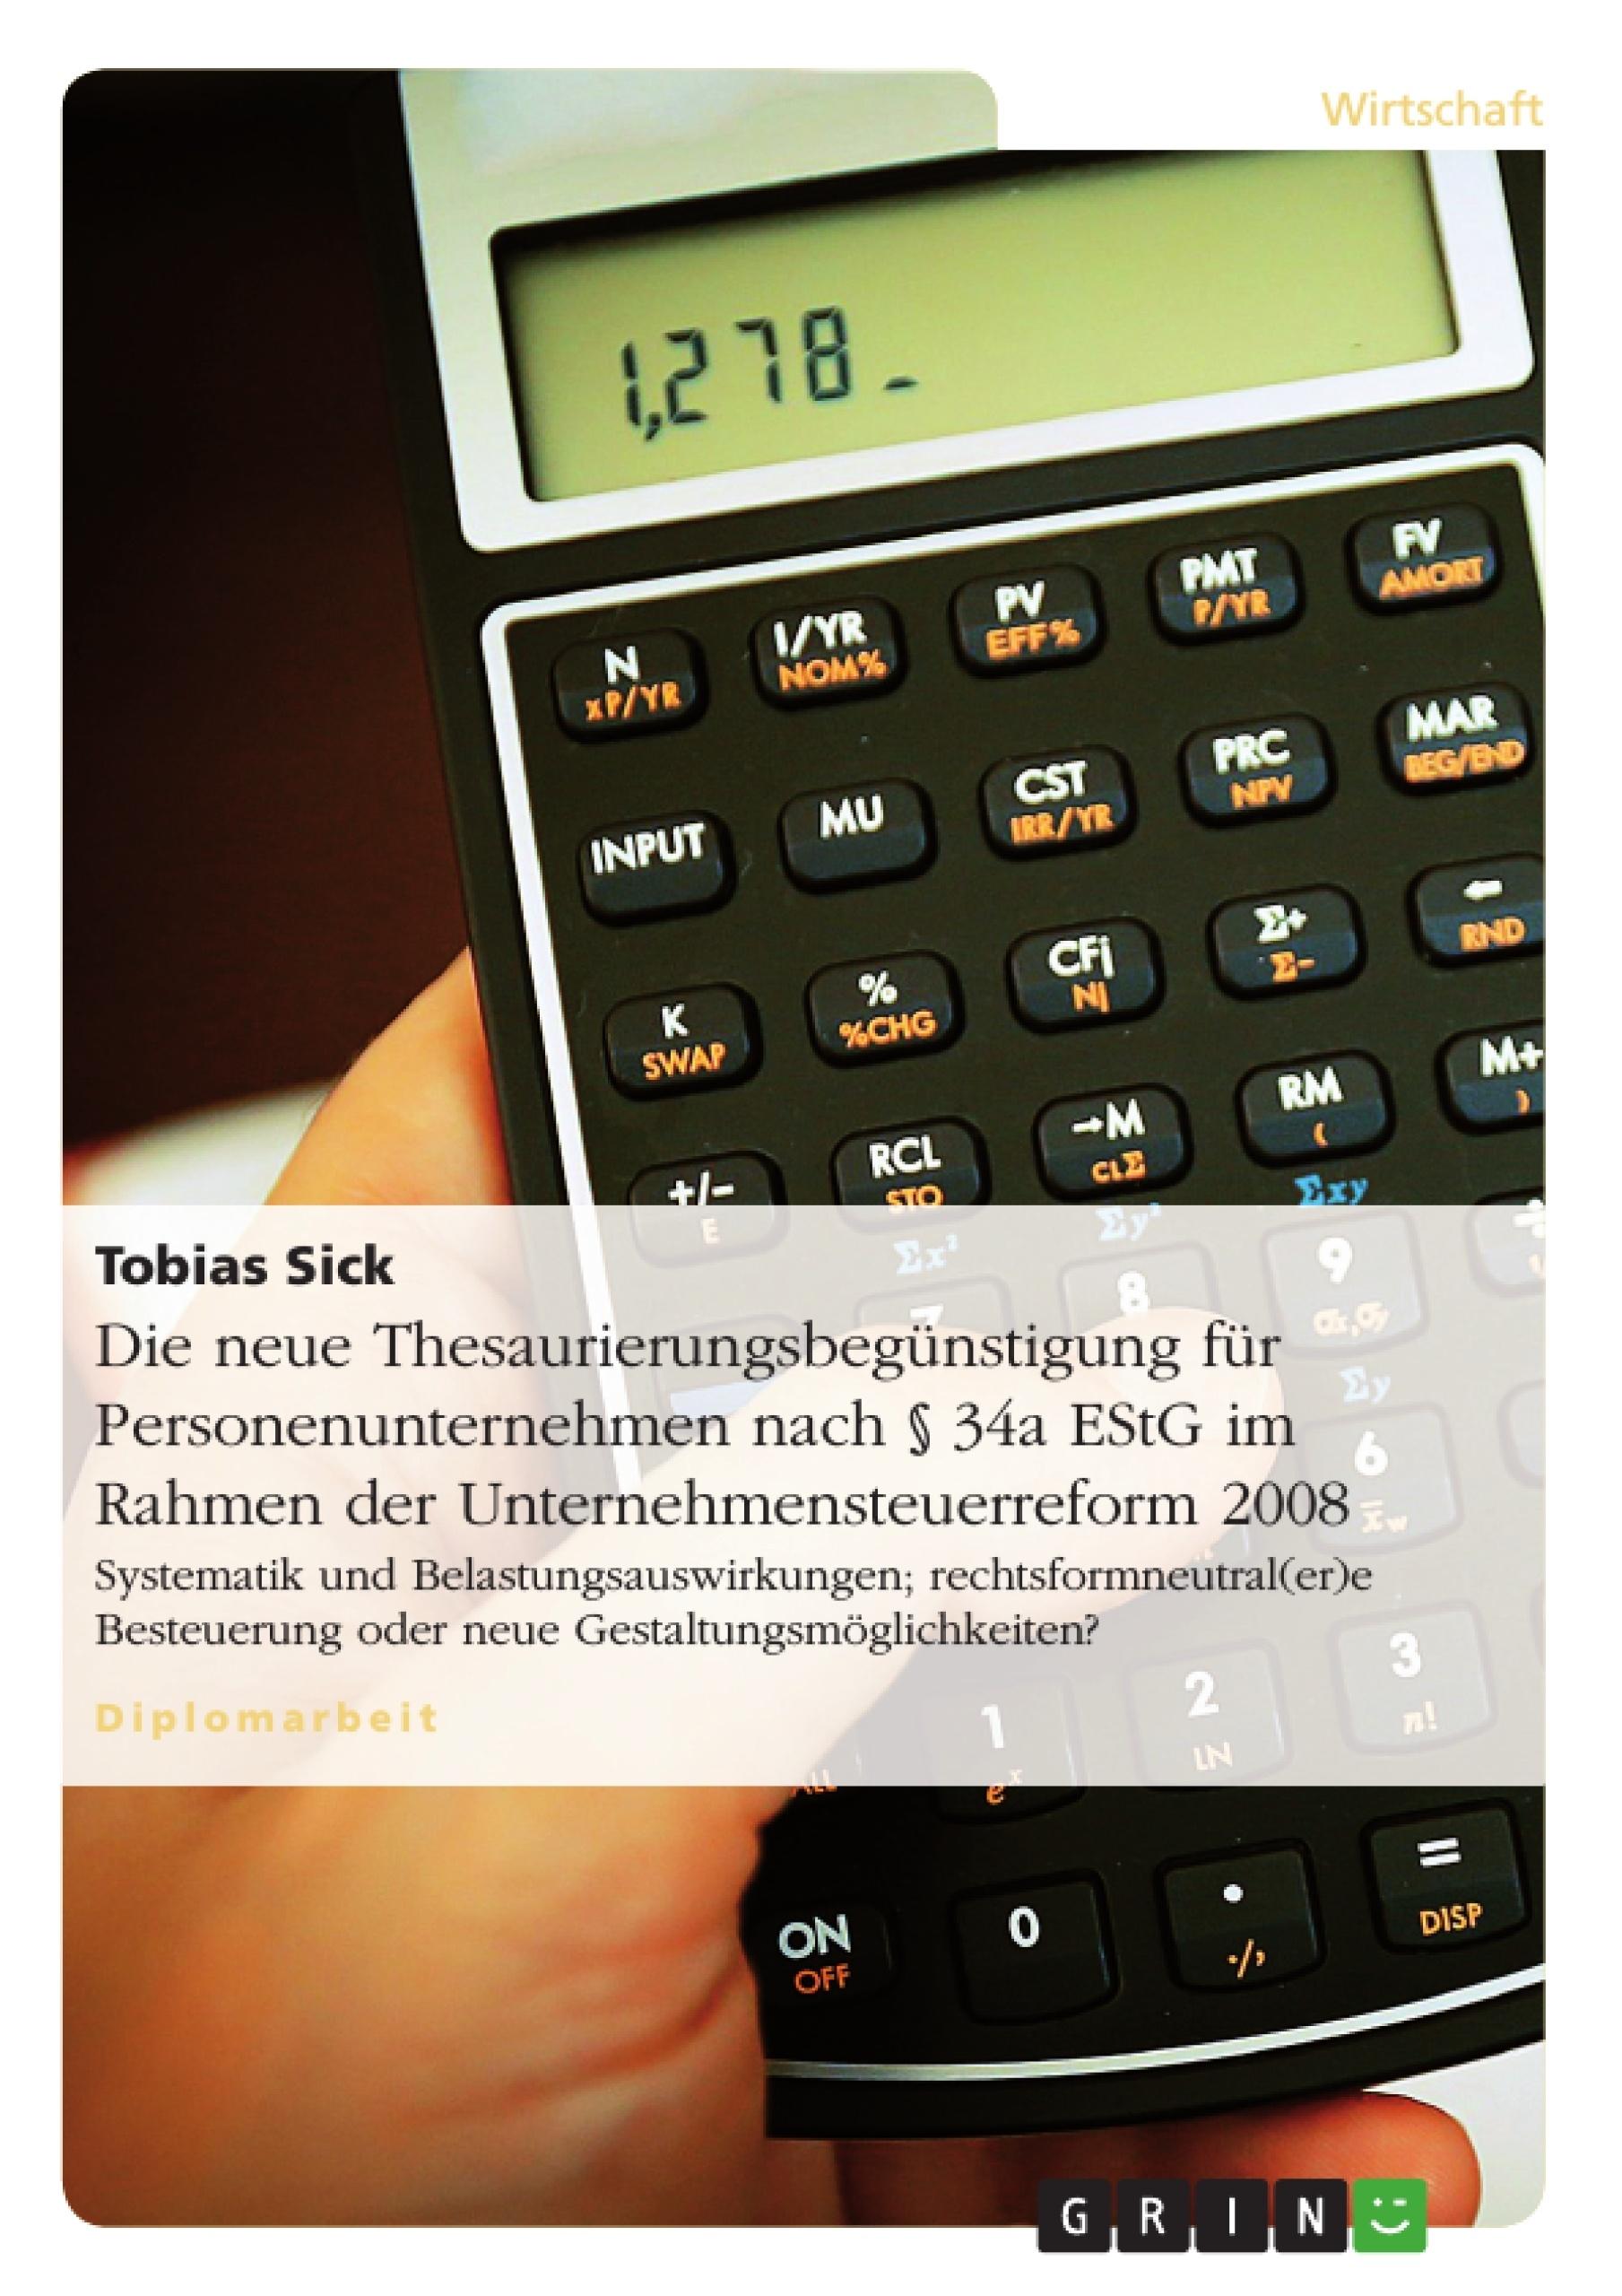 Titel: Die neue Thesaurierungsbegünstigung für Personenunternehmen nach § 34a EStG im Rahmen der Unternehmensteuerreform 2008